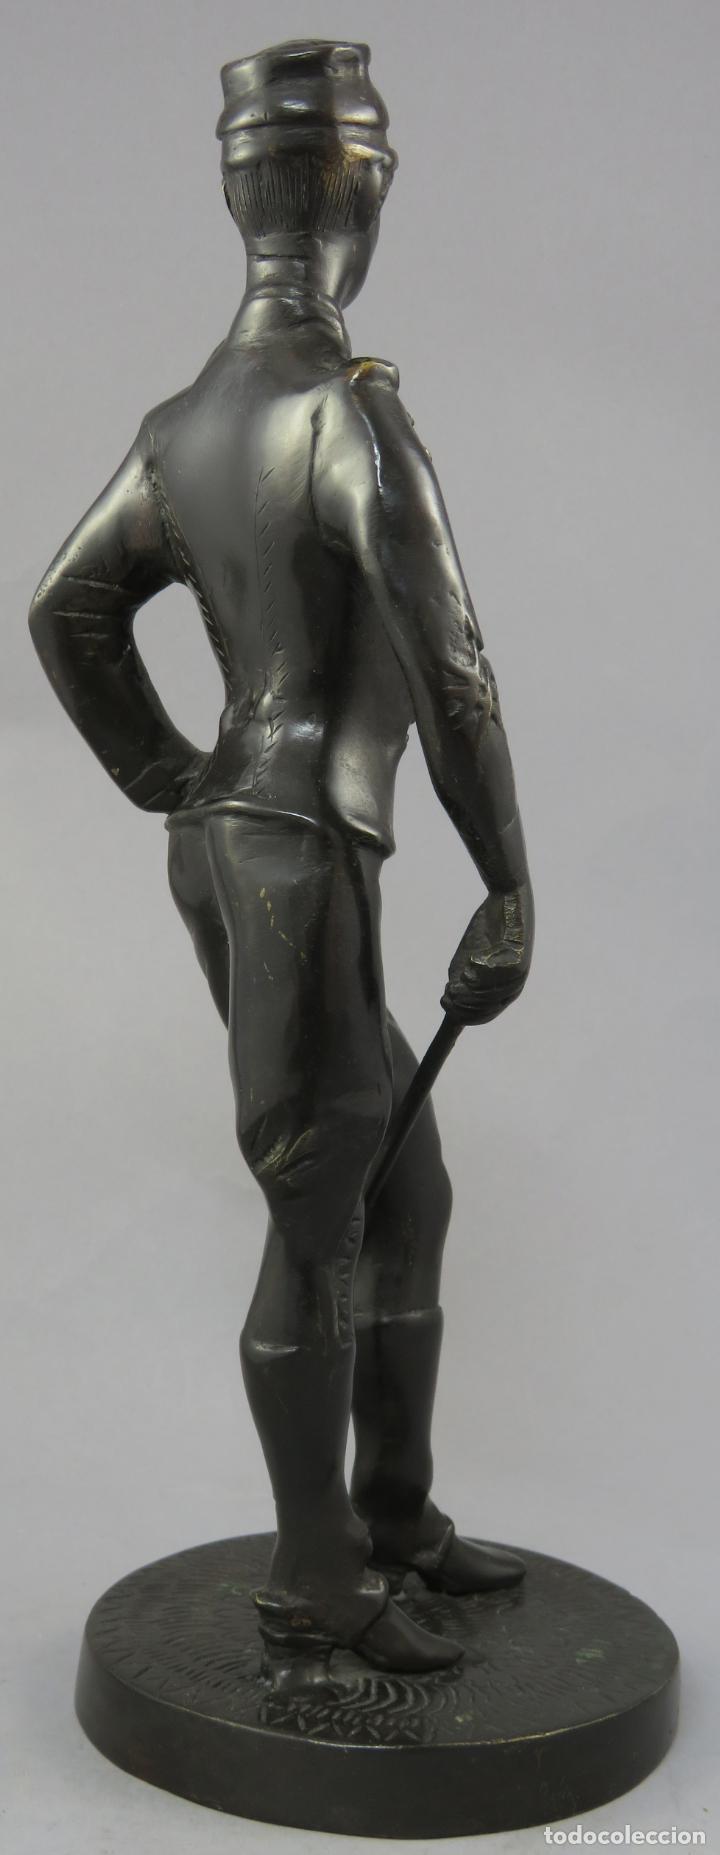 Arte: Escultura soldado húsar de la Princesa en bronce pulido siglo XX - Foto 8 - 230361210